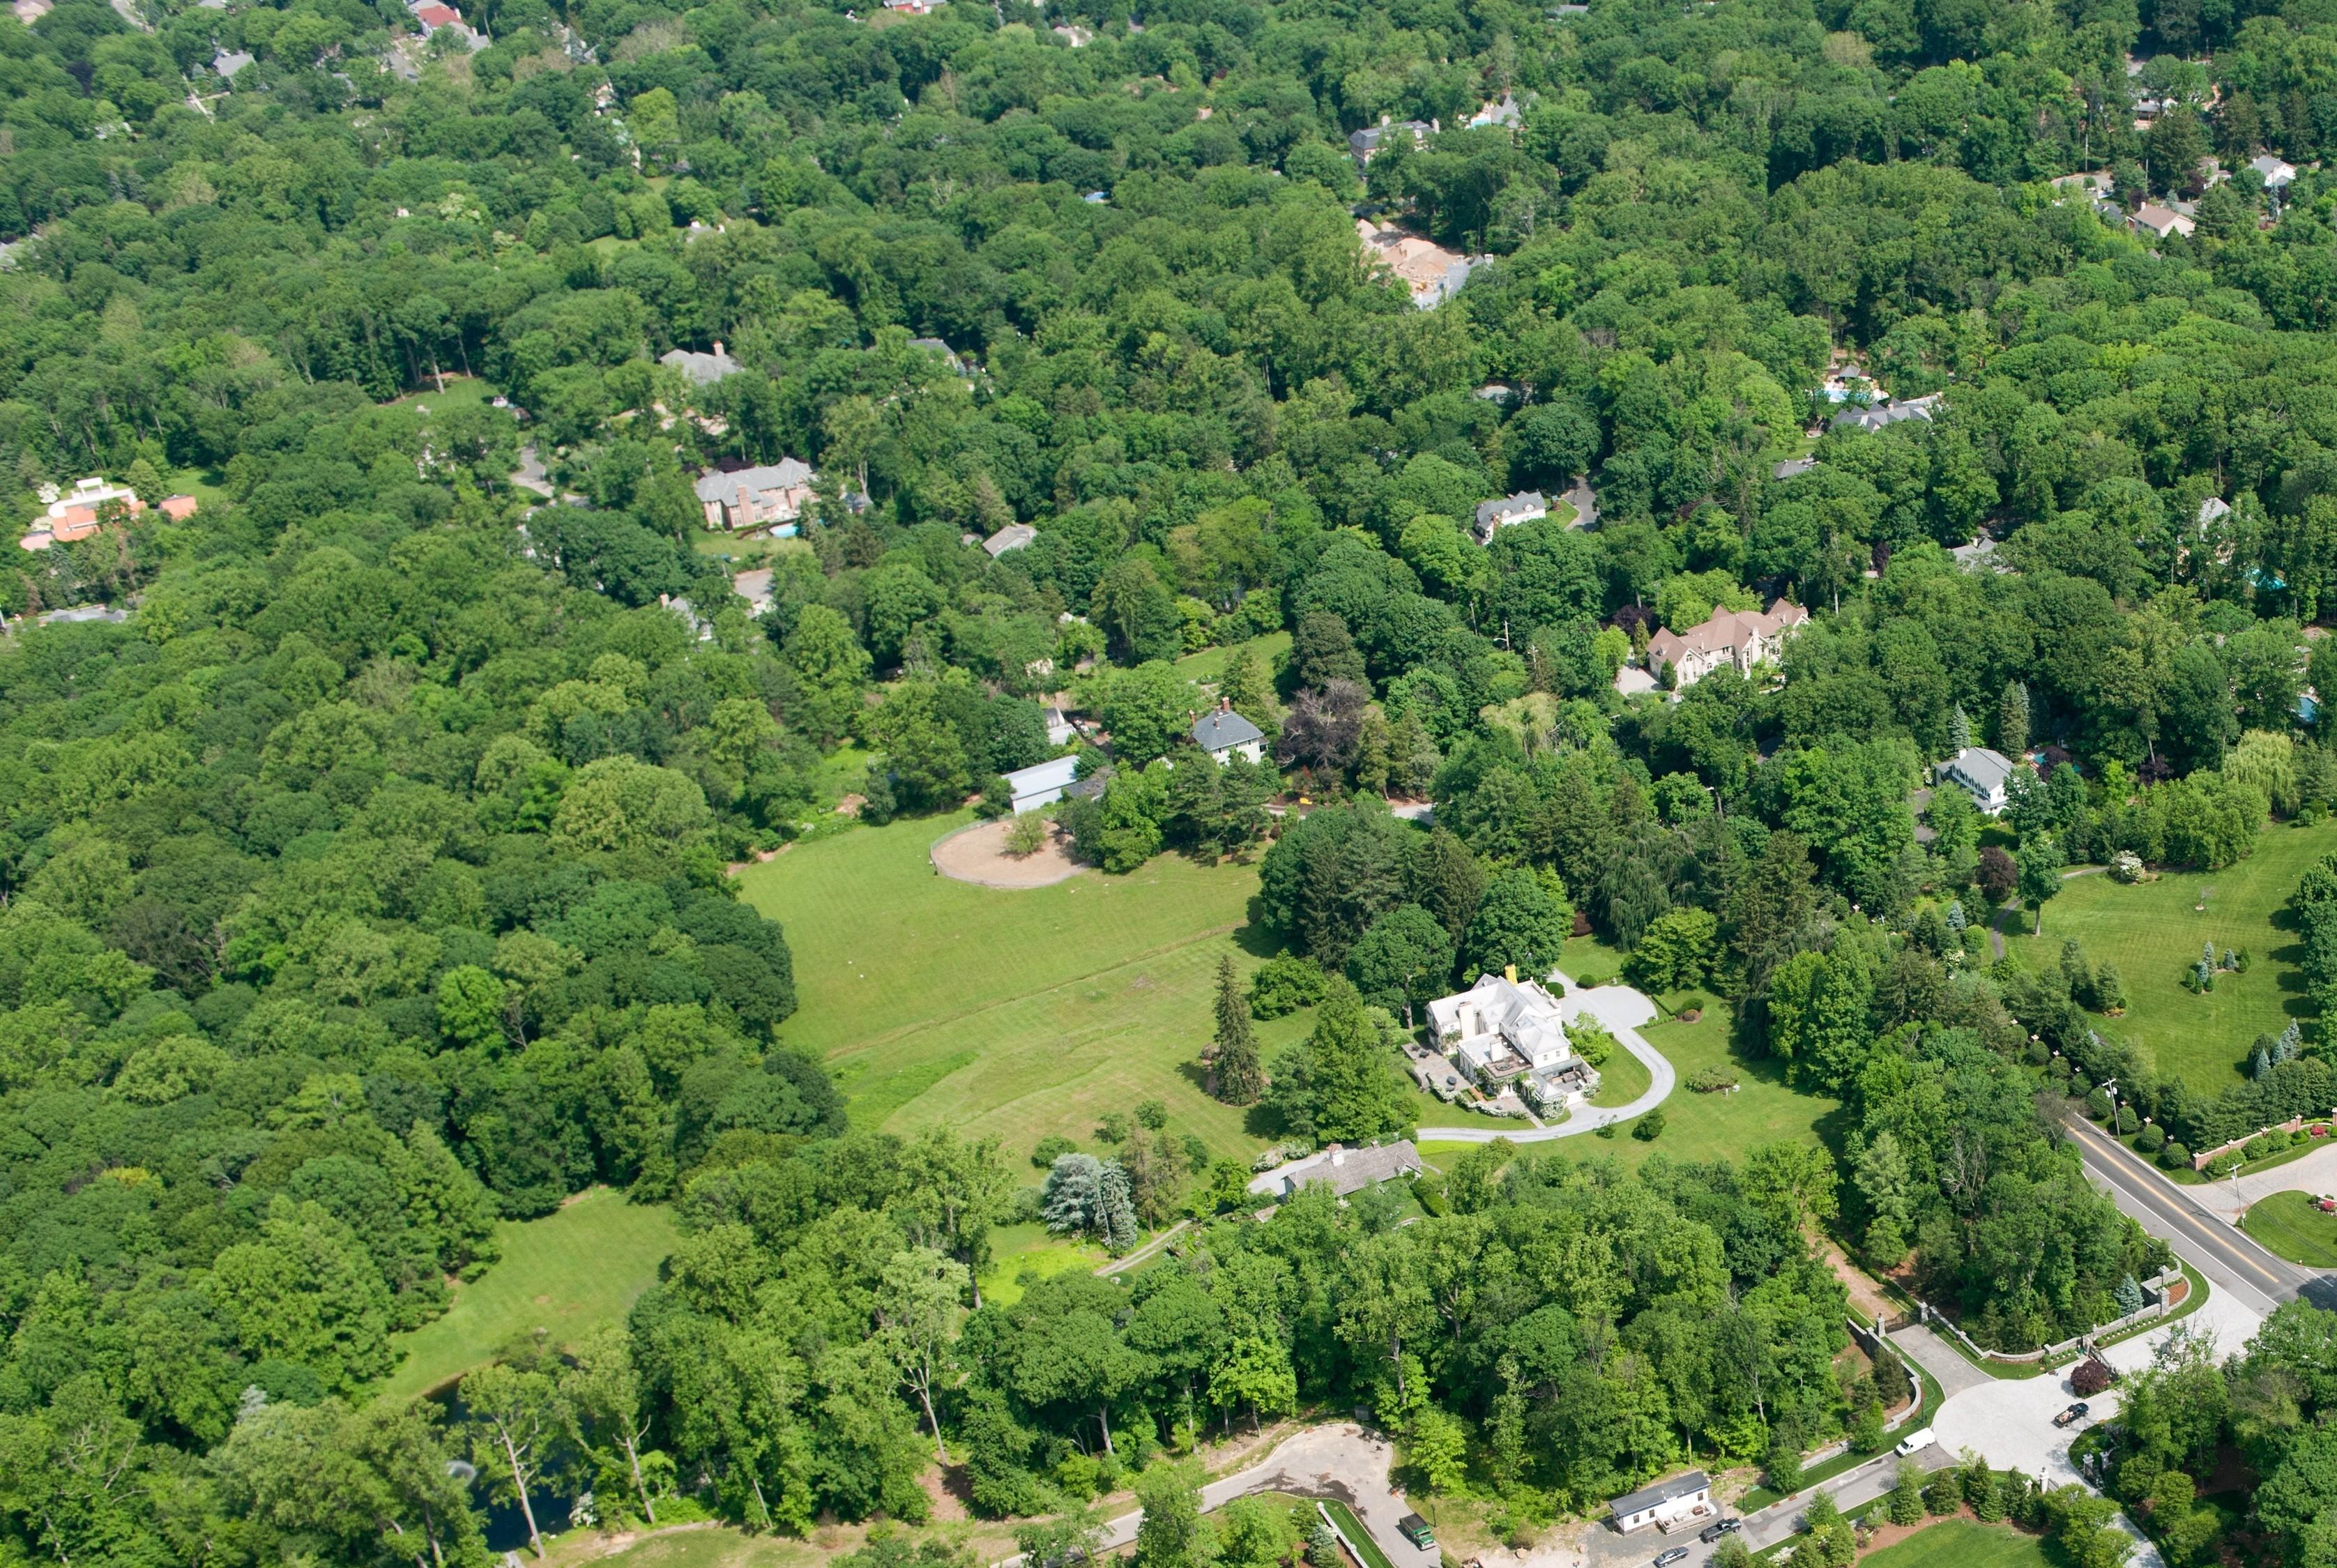 Villa per Vendita alle ore Estates at Alpine 2 Frick Dr Alpine, New Jersey, 07620 Stati Uniti